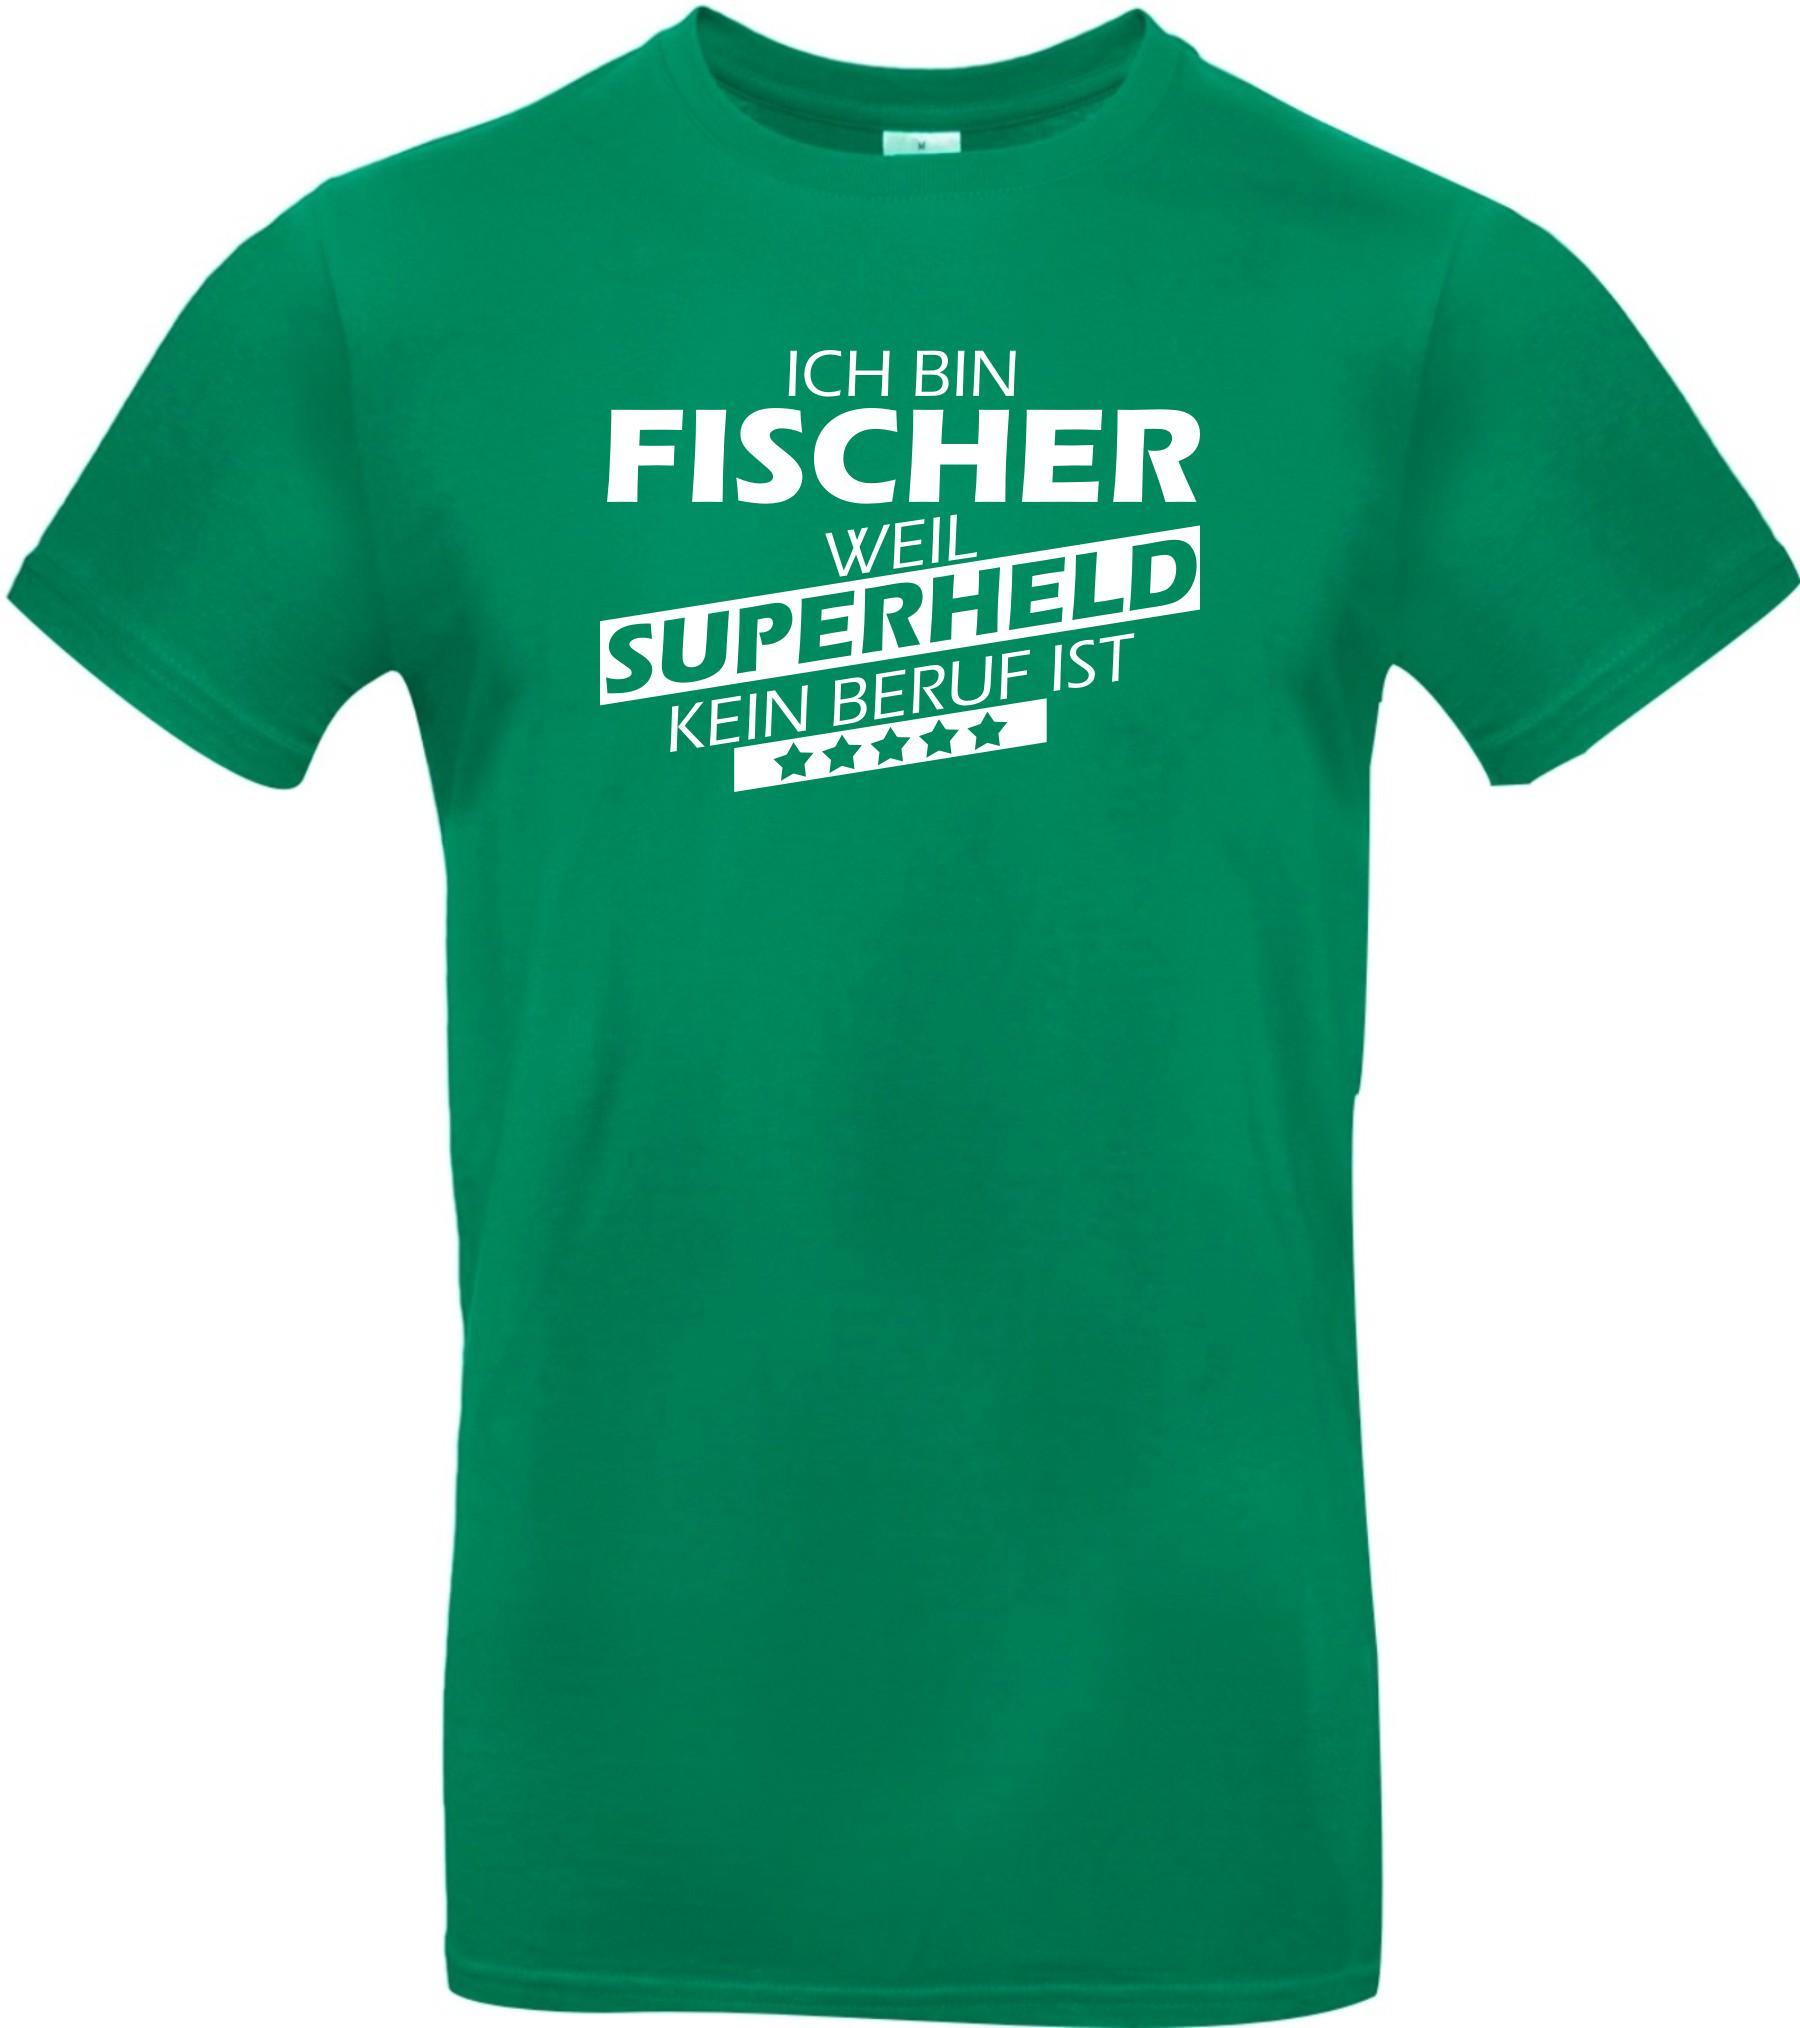 Maenner-Shirt-Ich-bin-Fischer-weil-Superheld-kein-Beruf-ist